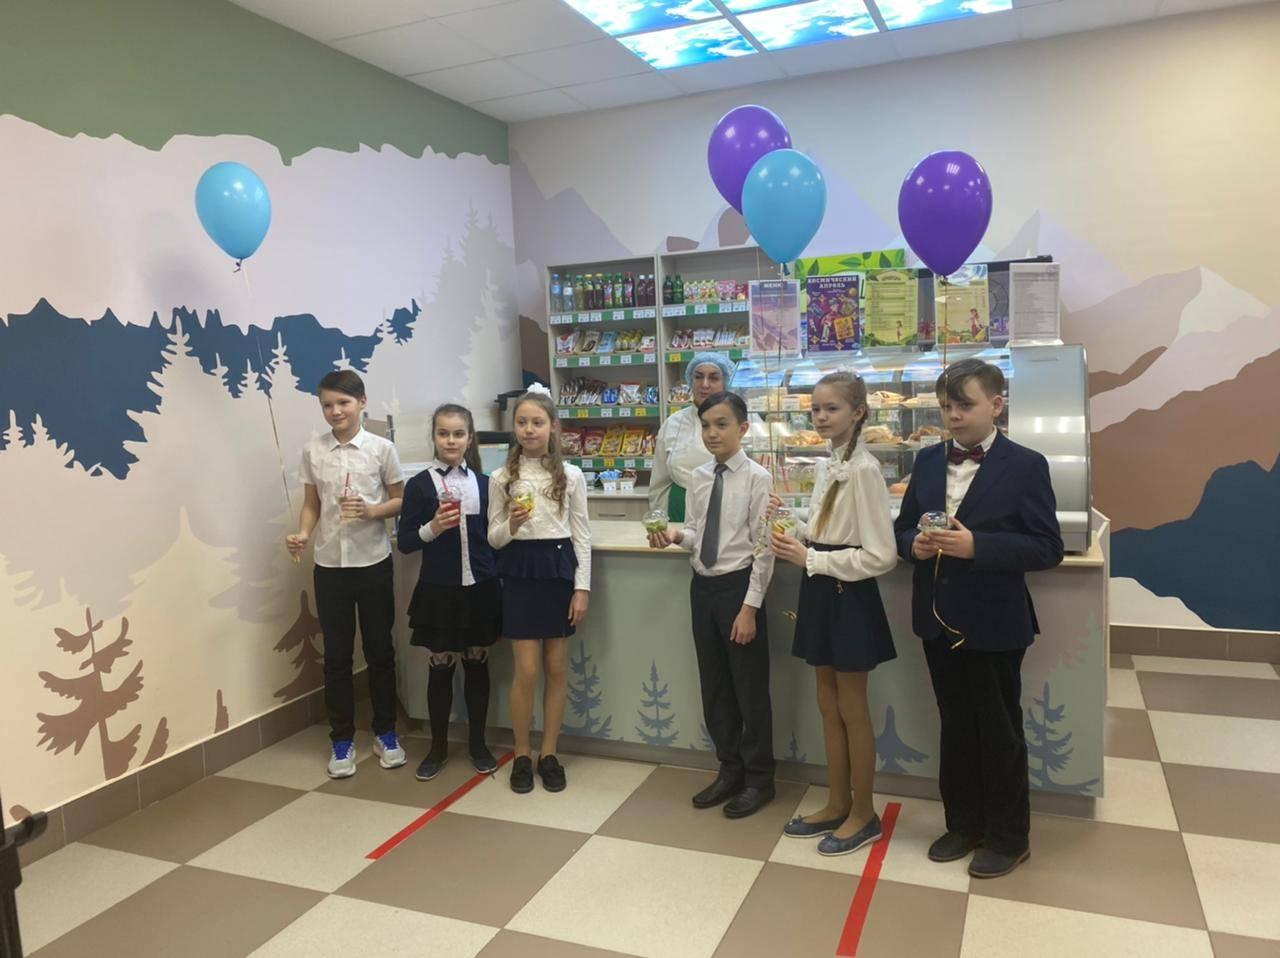 Фреш-линия и не только! Школьники ГБОУ Школы №709 г. Москвы оценили по достоинству старания комбината питания